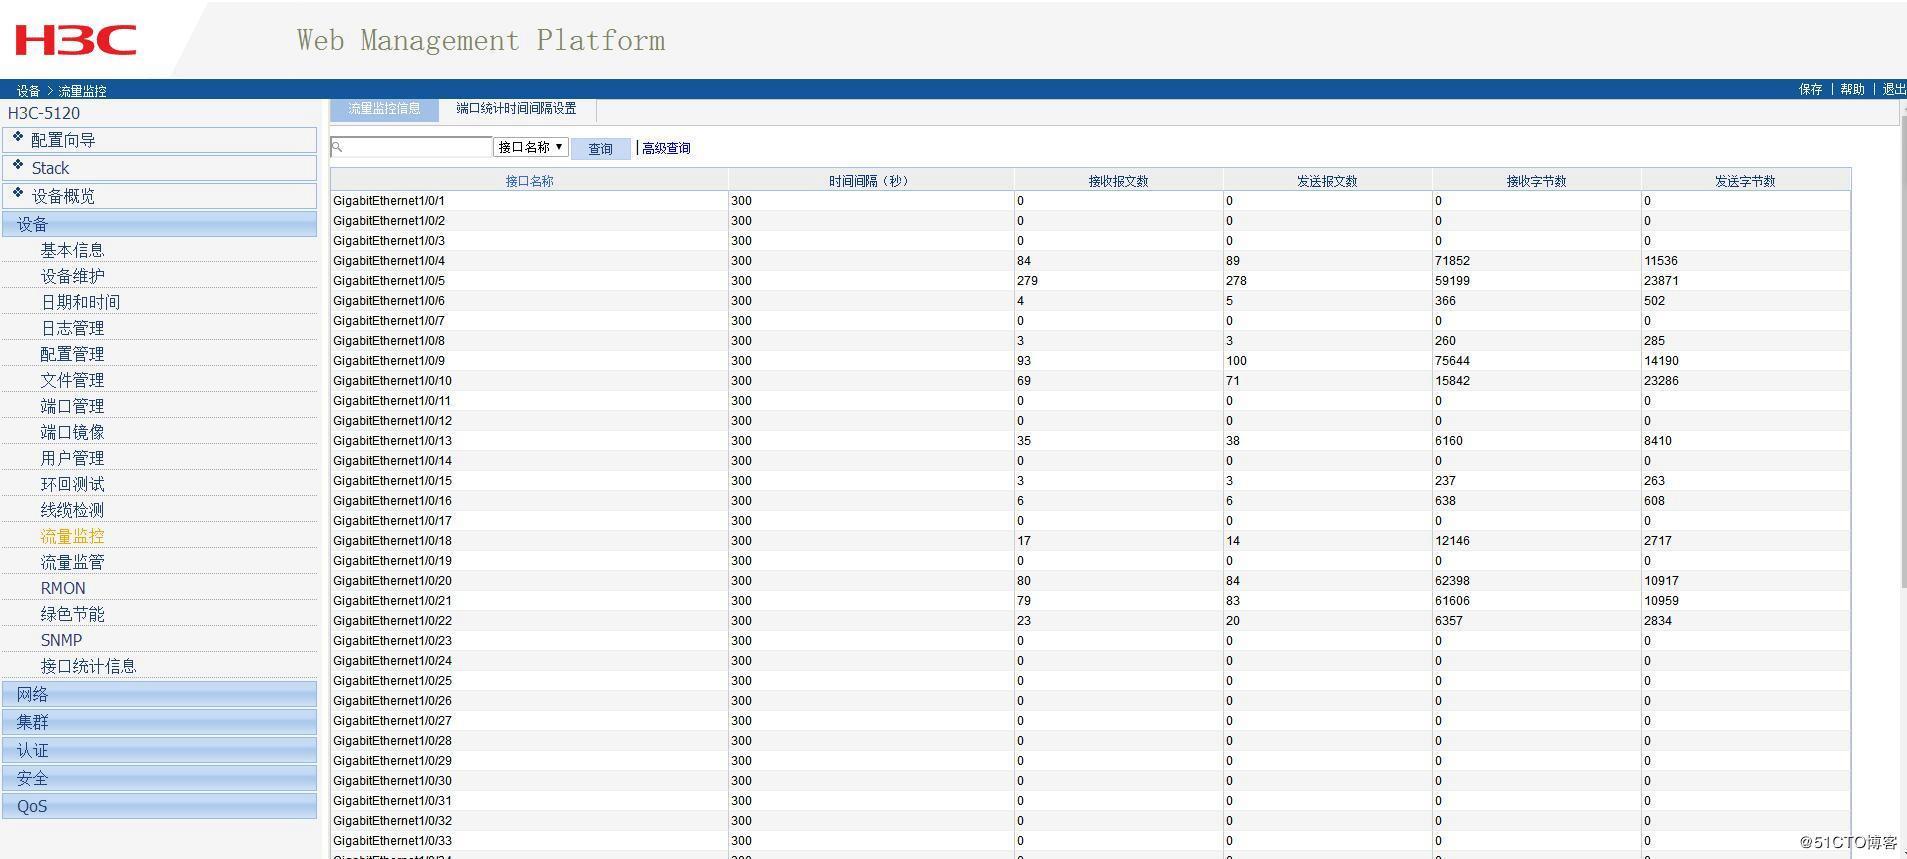 Zabbix 3 4 3 Using SNMP to Monitor H3C Switch Port Traffic